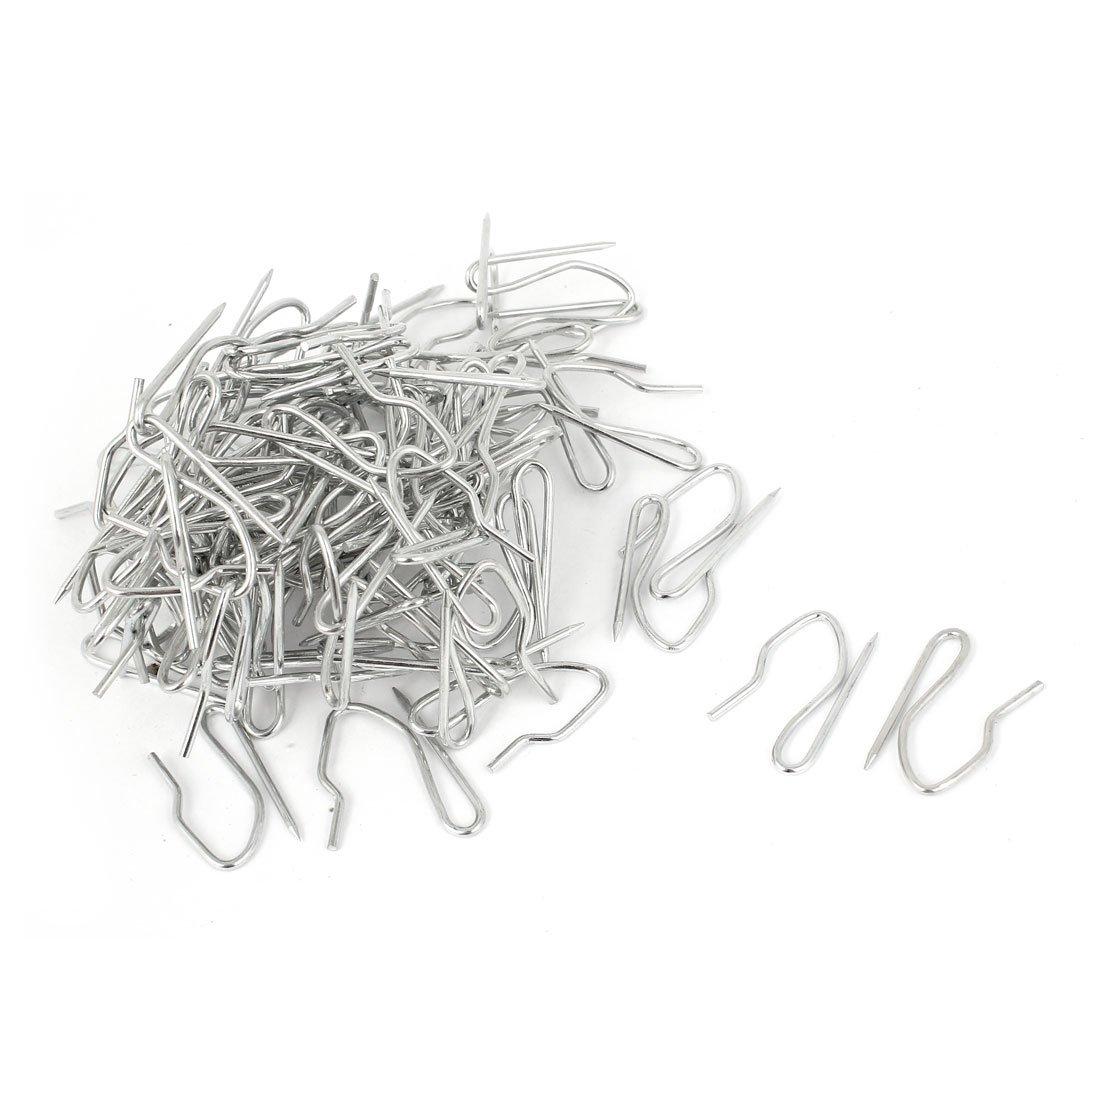 Lot de 50 crochets argentés en métal pour bande de draperie, de rideau, crochet en forme de hameçon Sourcingmap a14121900ux0407